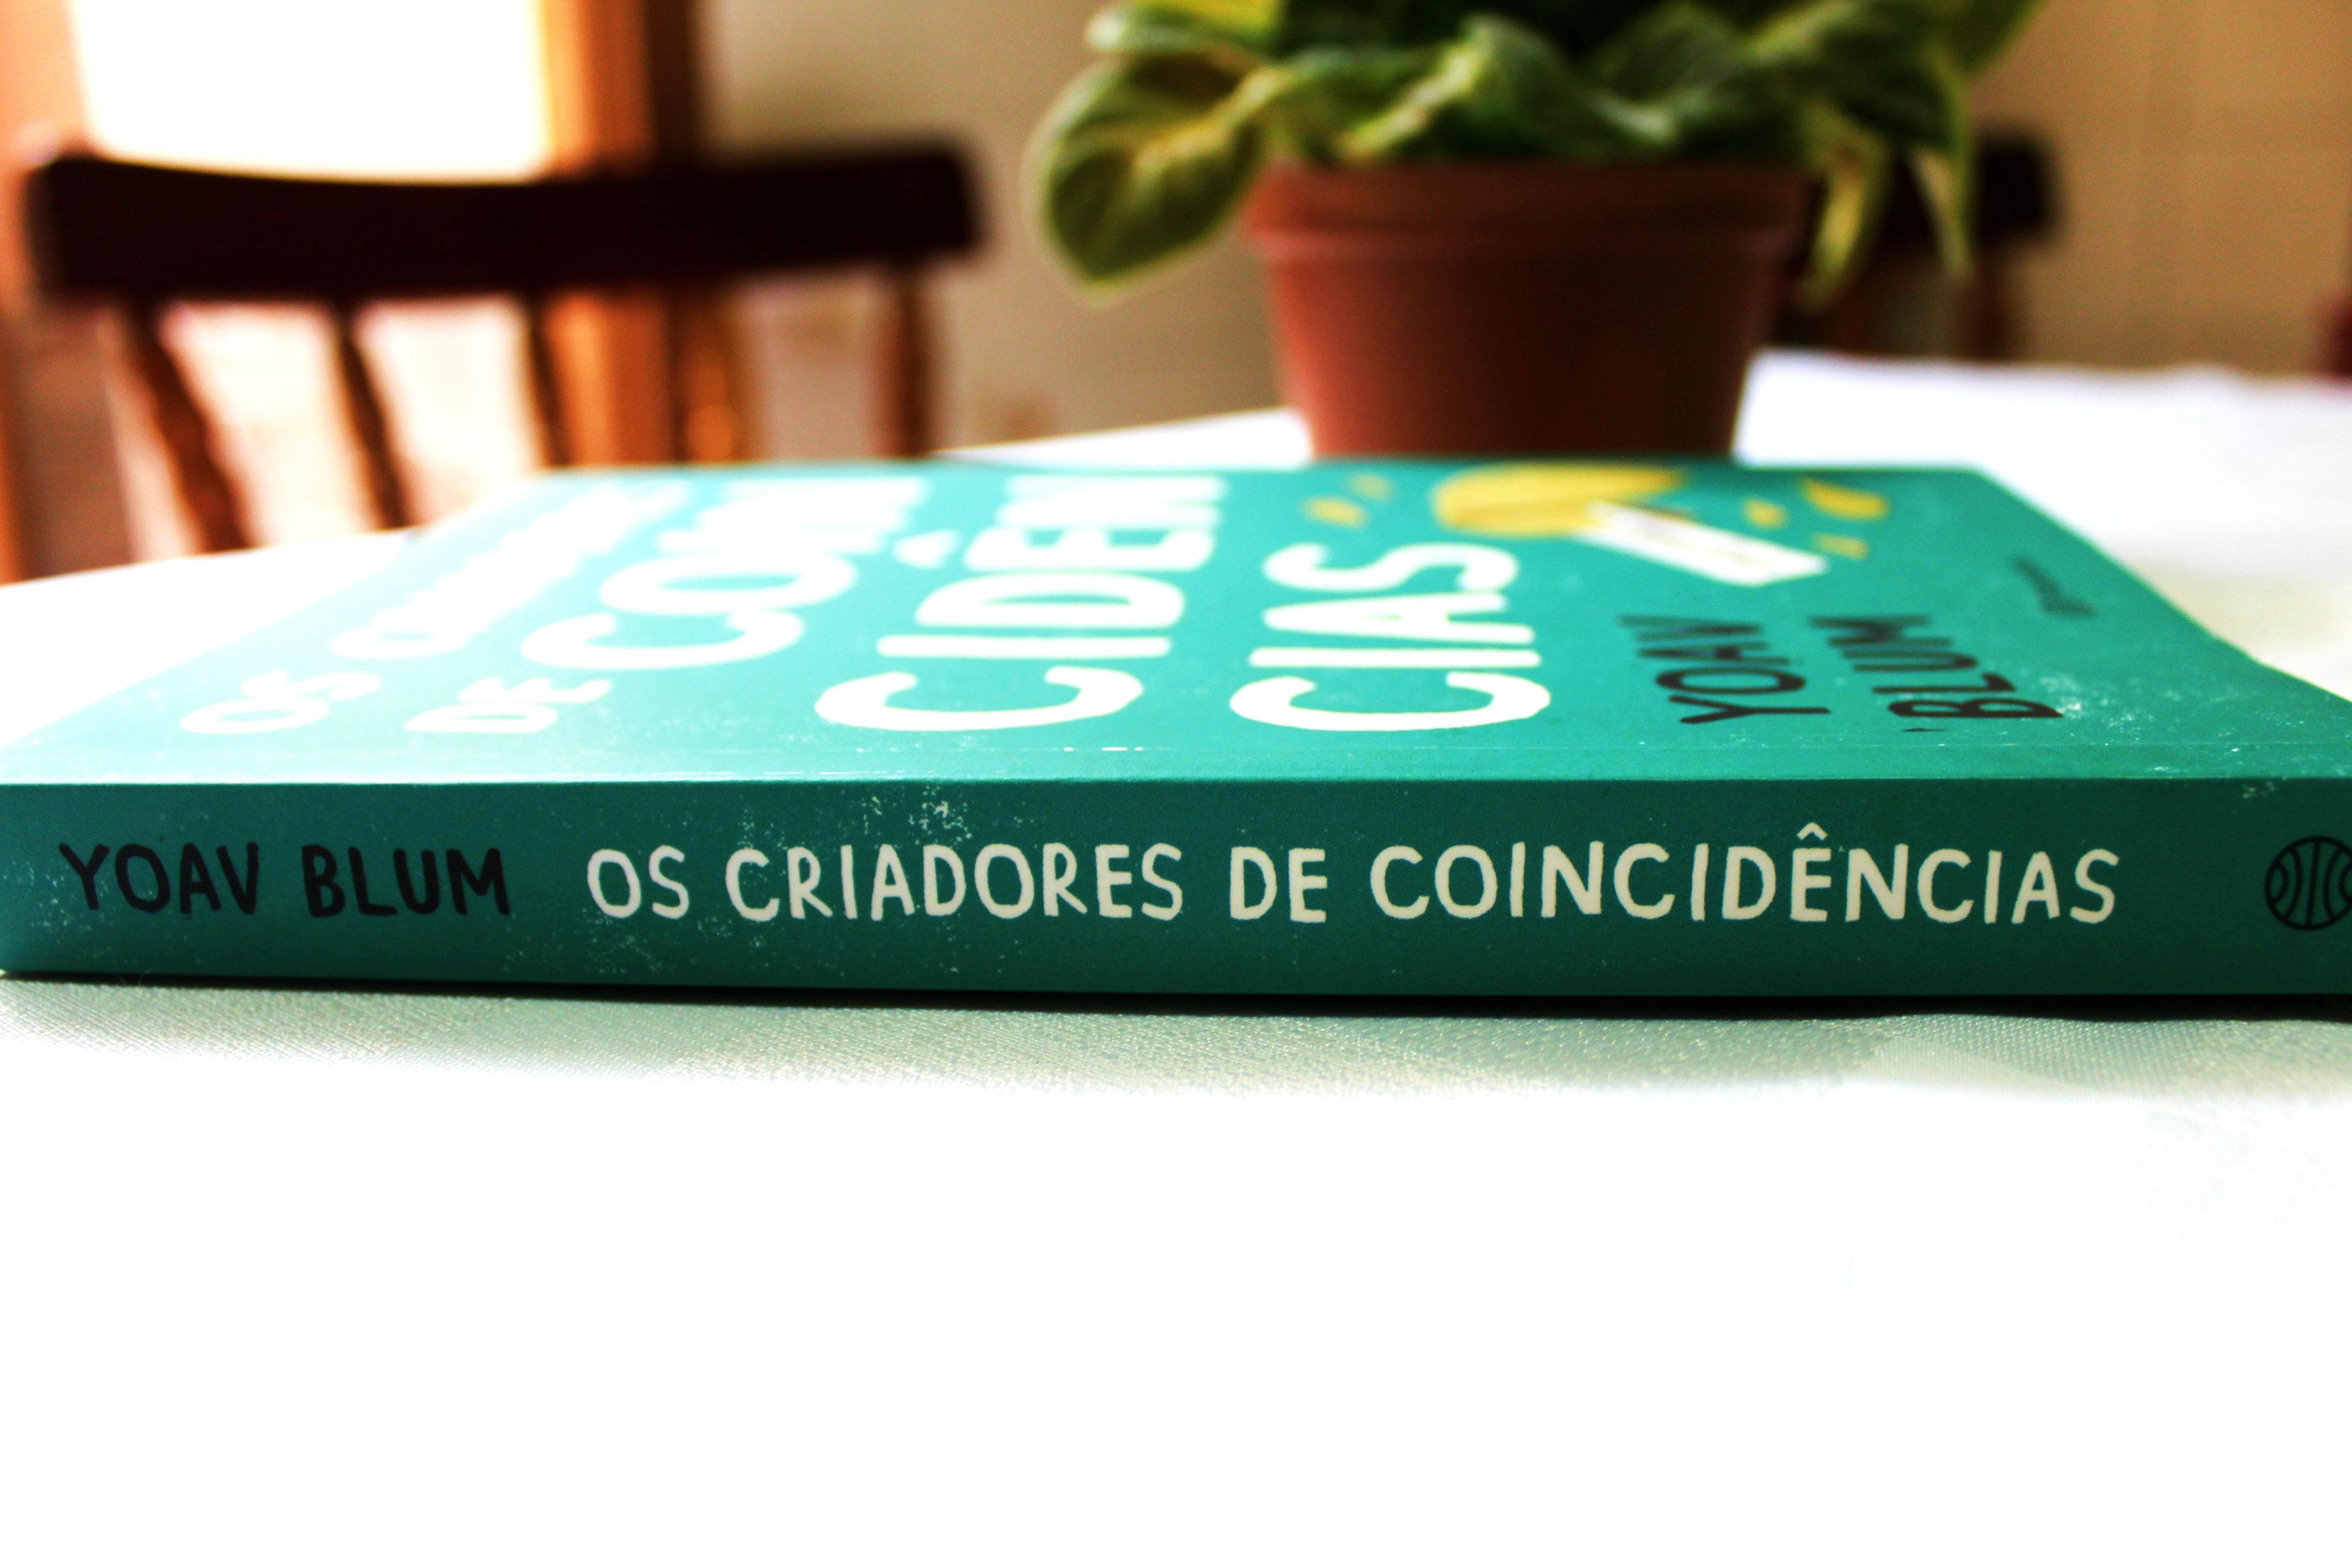 Resenha do livro - Os criadores de coincidências